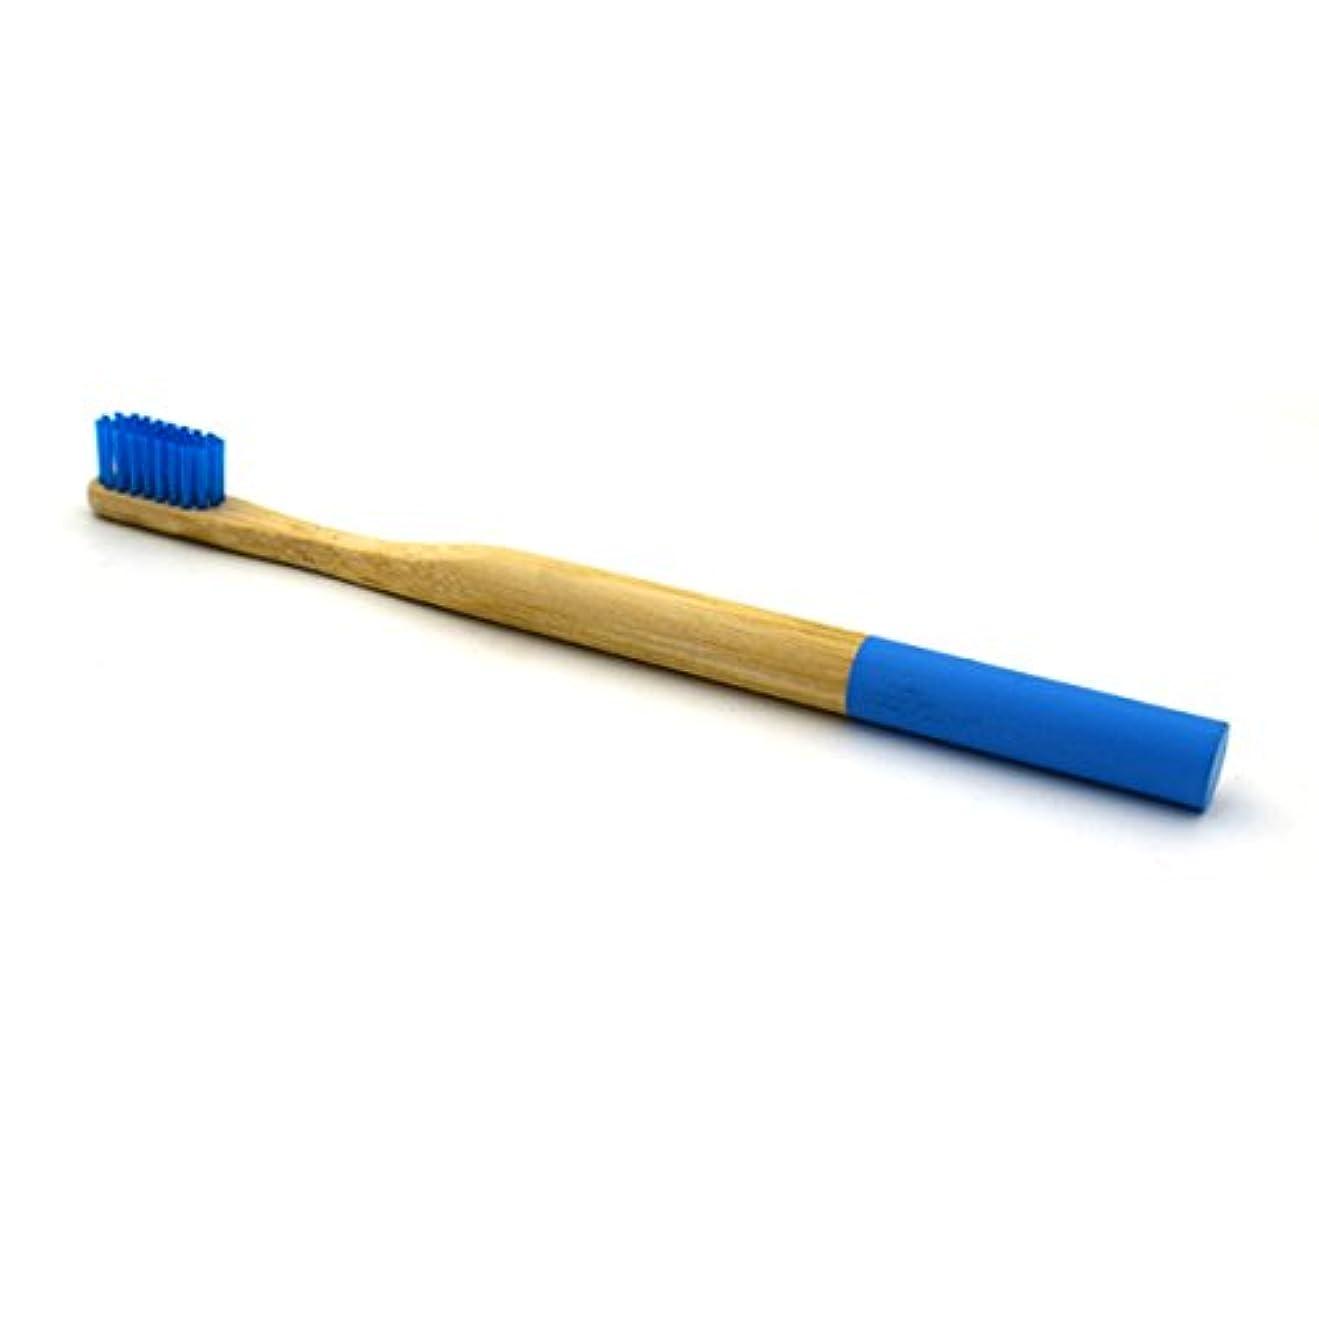 ペインティング一目ヒゲSUPVOX タケ歯ブラシの円形のハンドルの自然なEcoの友好的で柔らかい剛毛旅行歯ブラシ